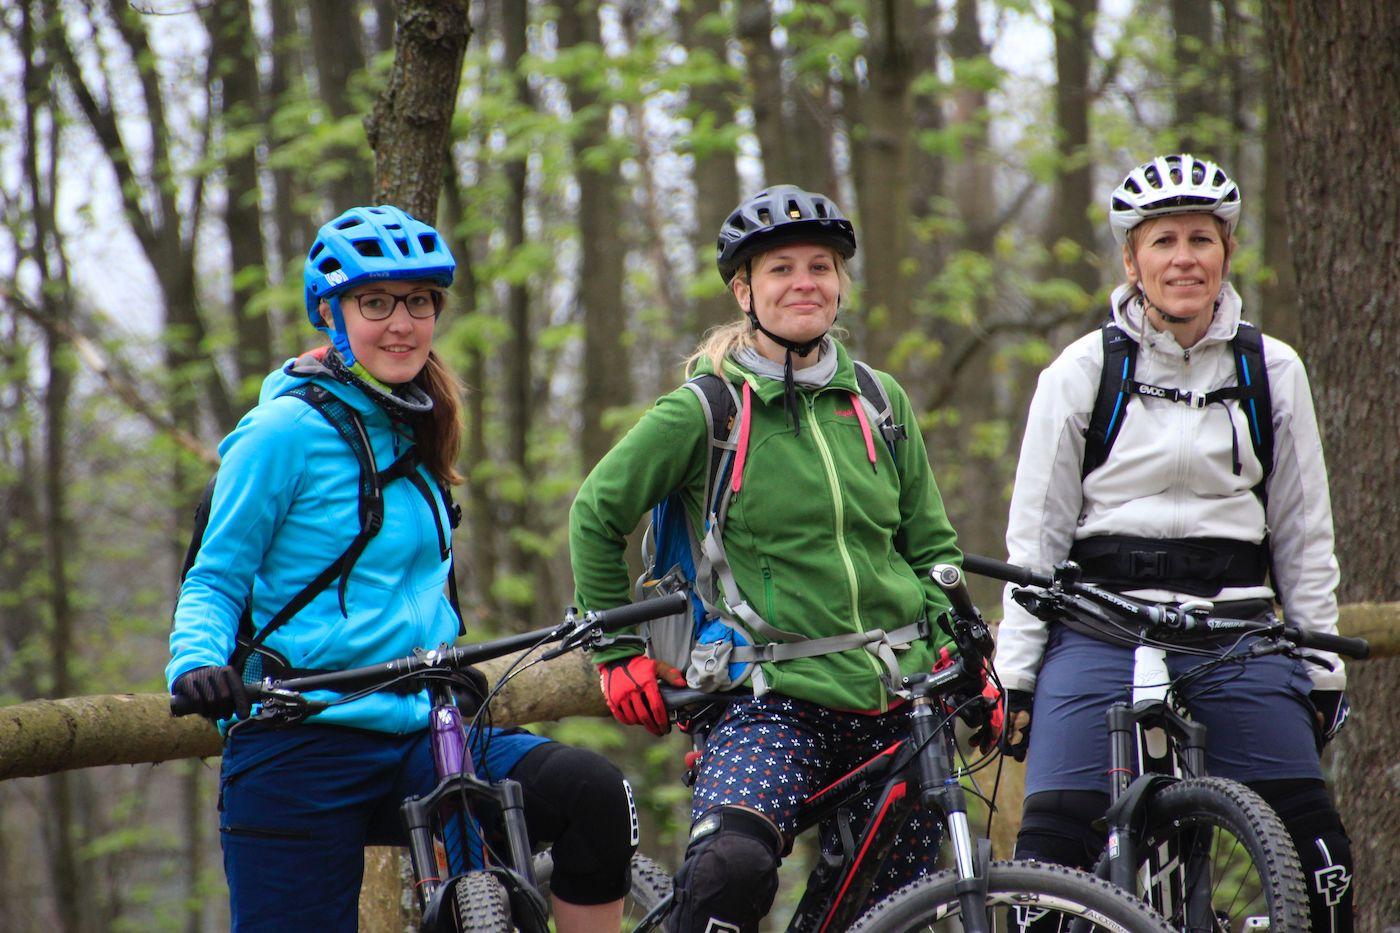 MTB Fahrtechnik Kurs Fortgeschrittene in Düsseldorf - Mountainbike Fortgeschritten - Rock my Trail Bikeschule